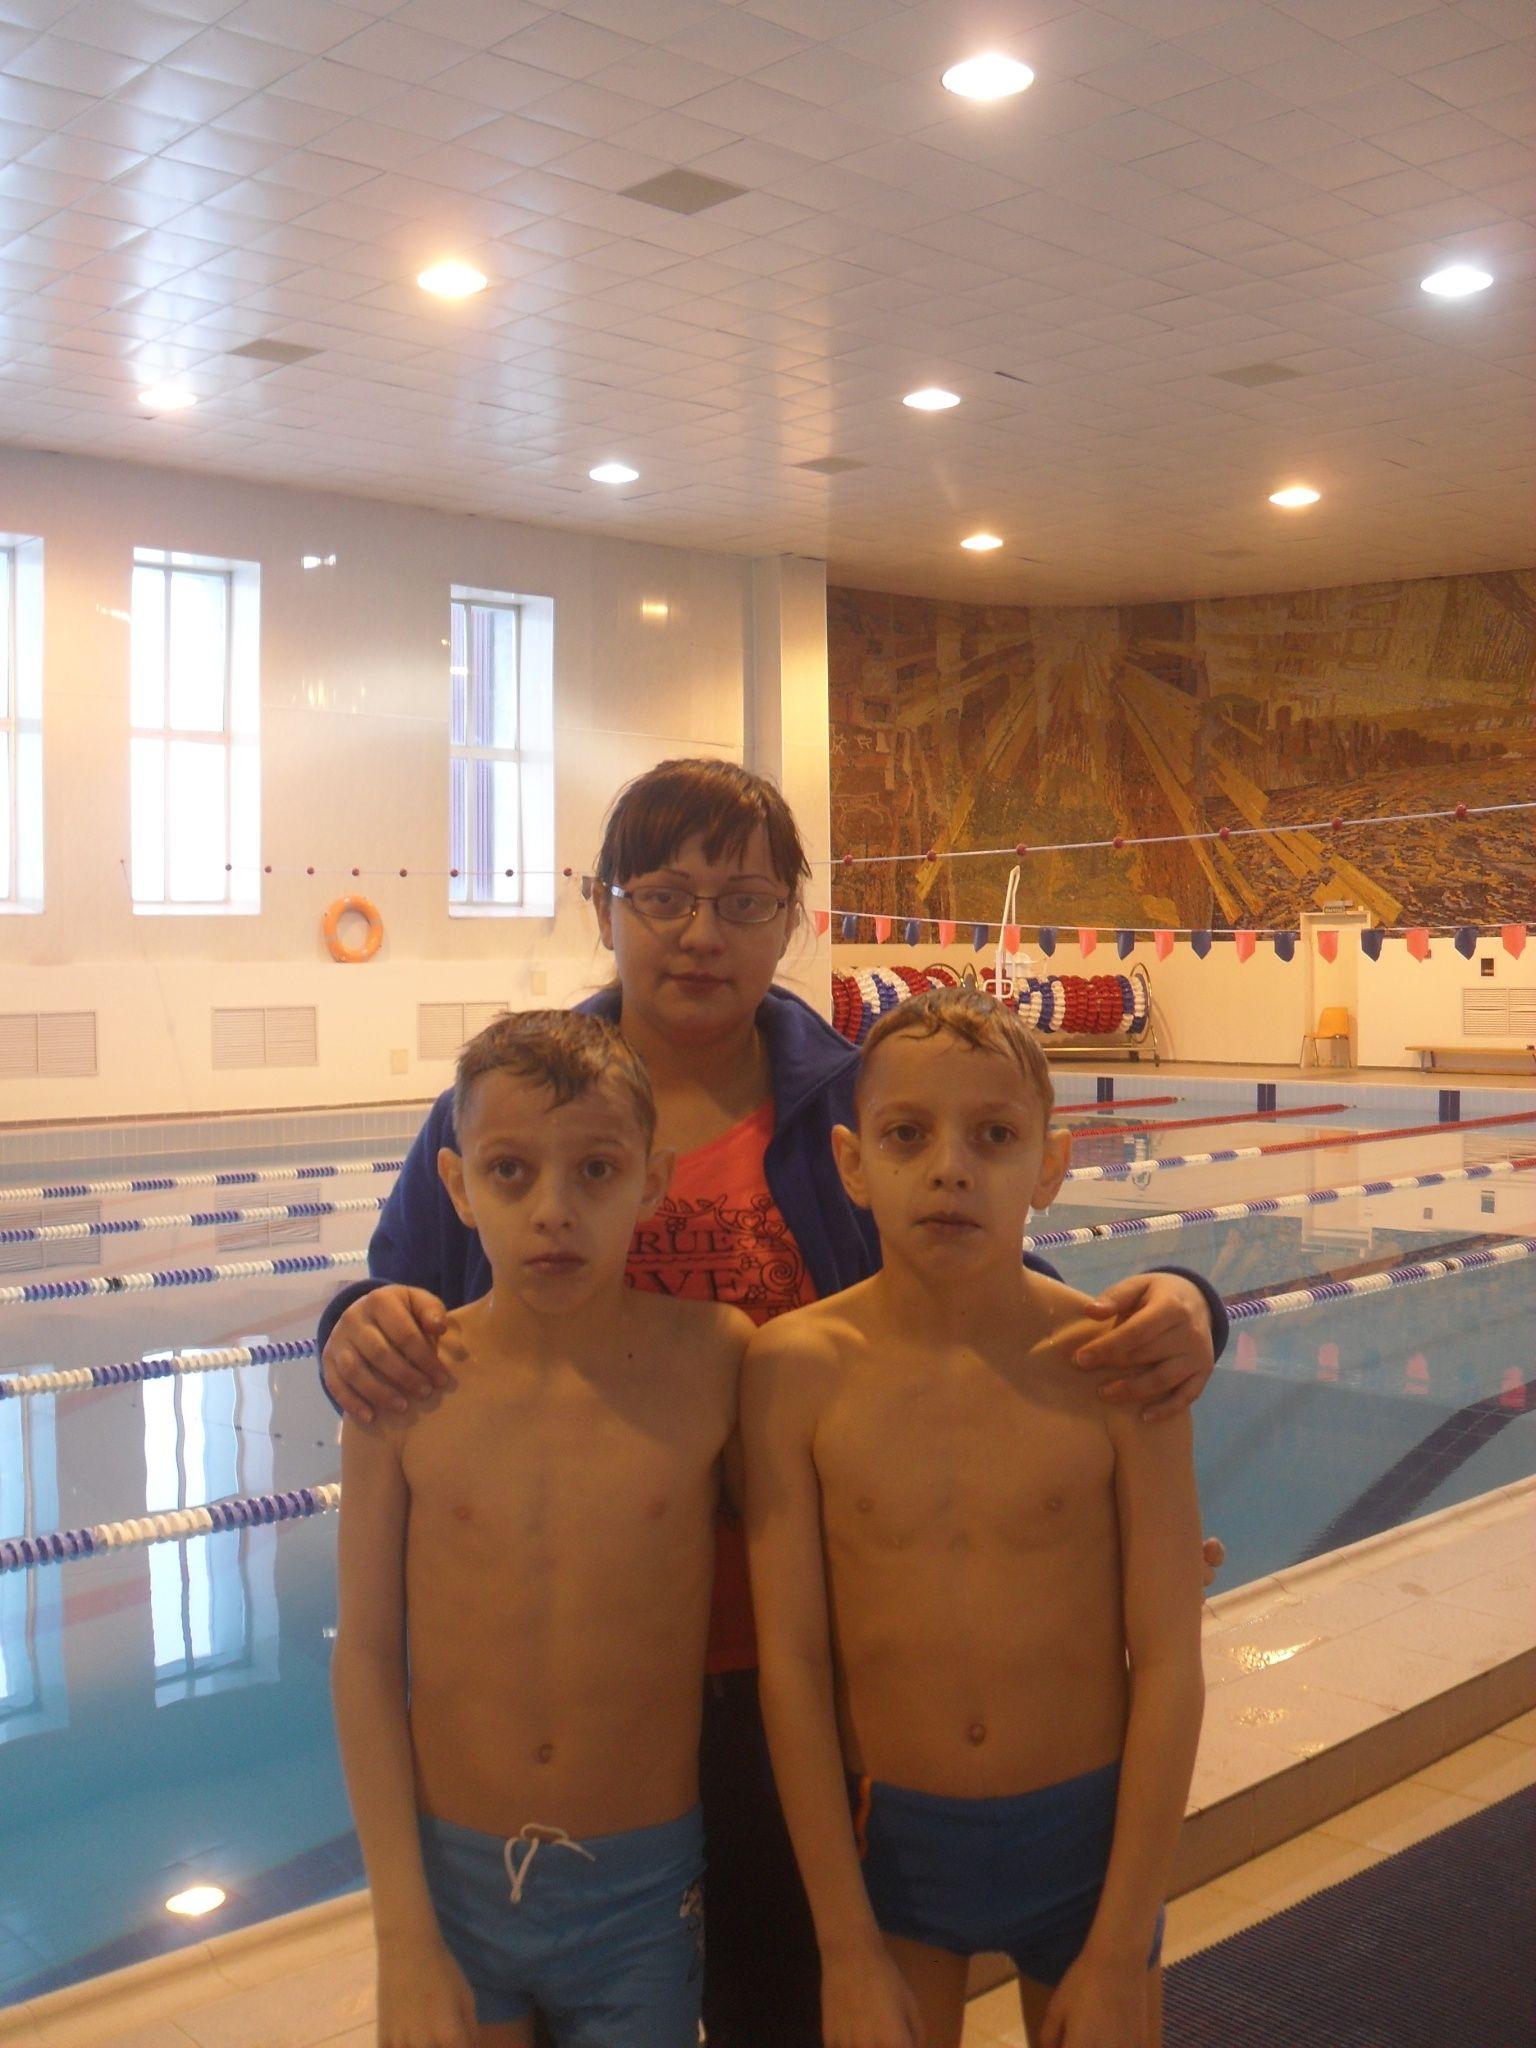 Бесплатные занятия в бассейне  для людей с инвалидностью